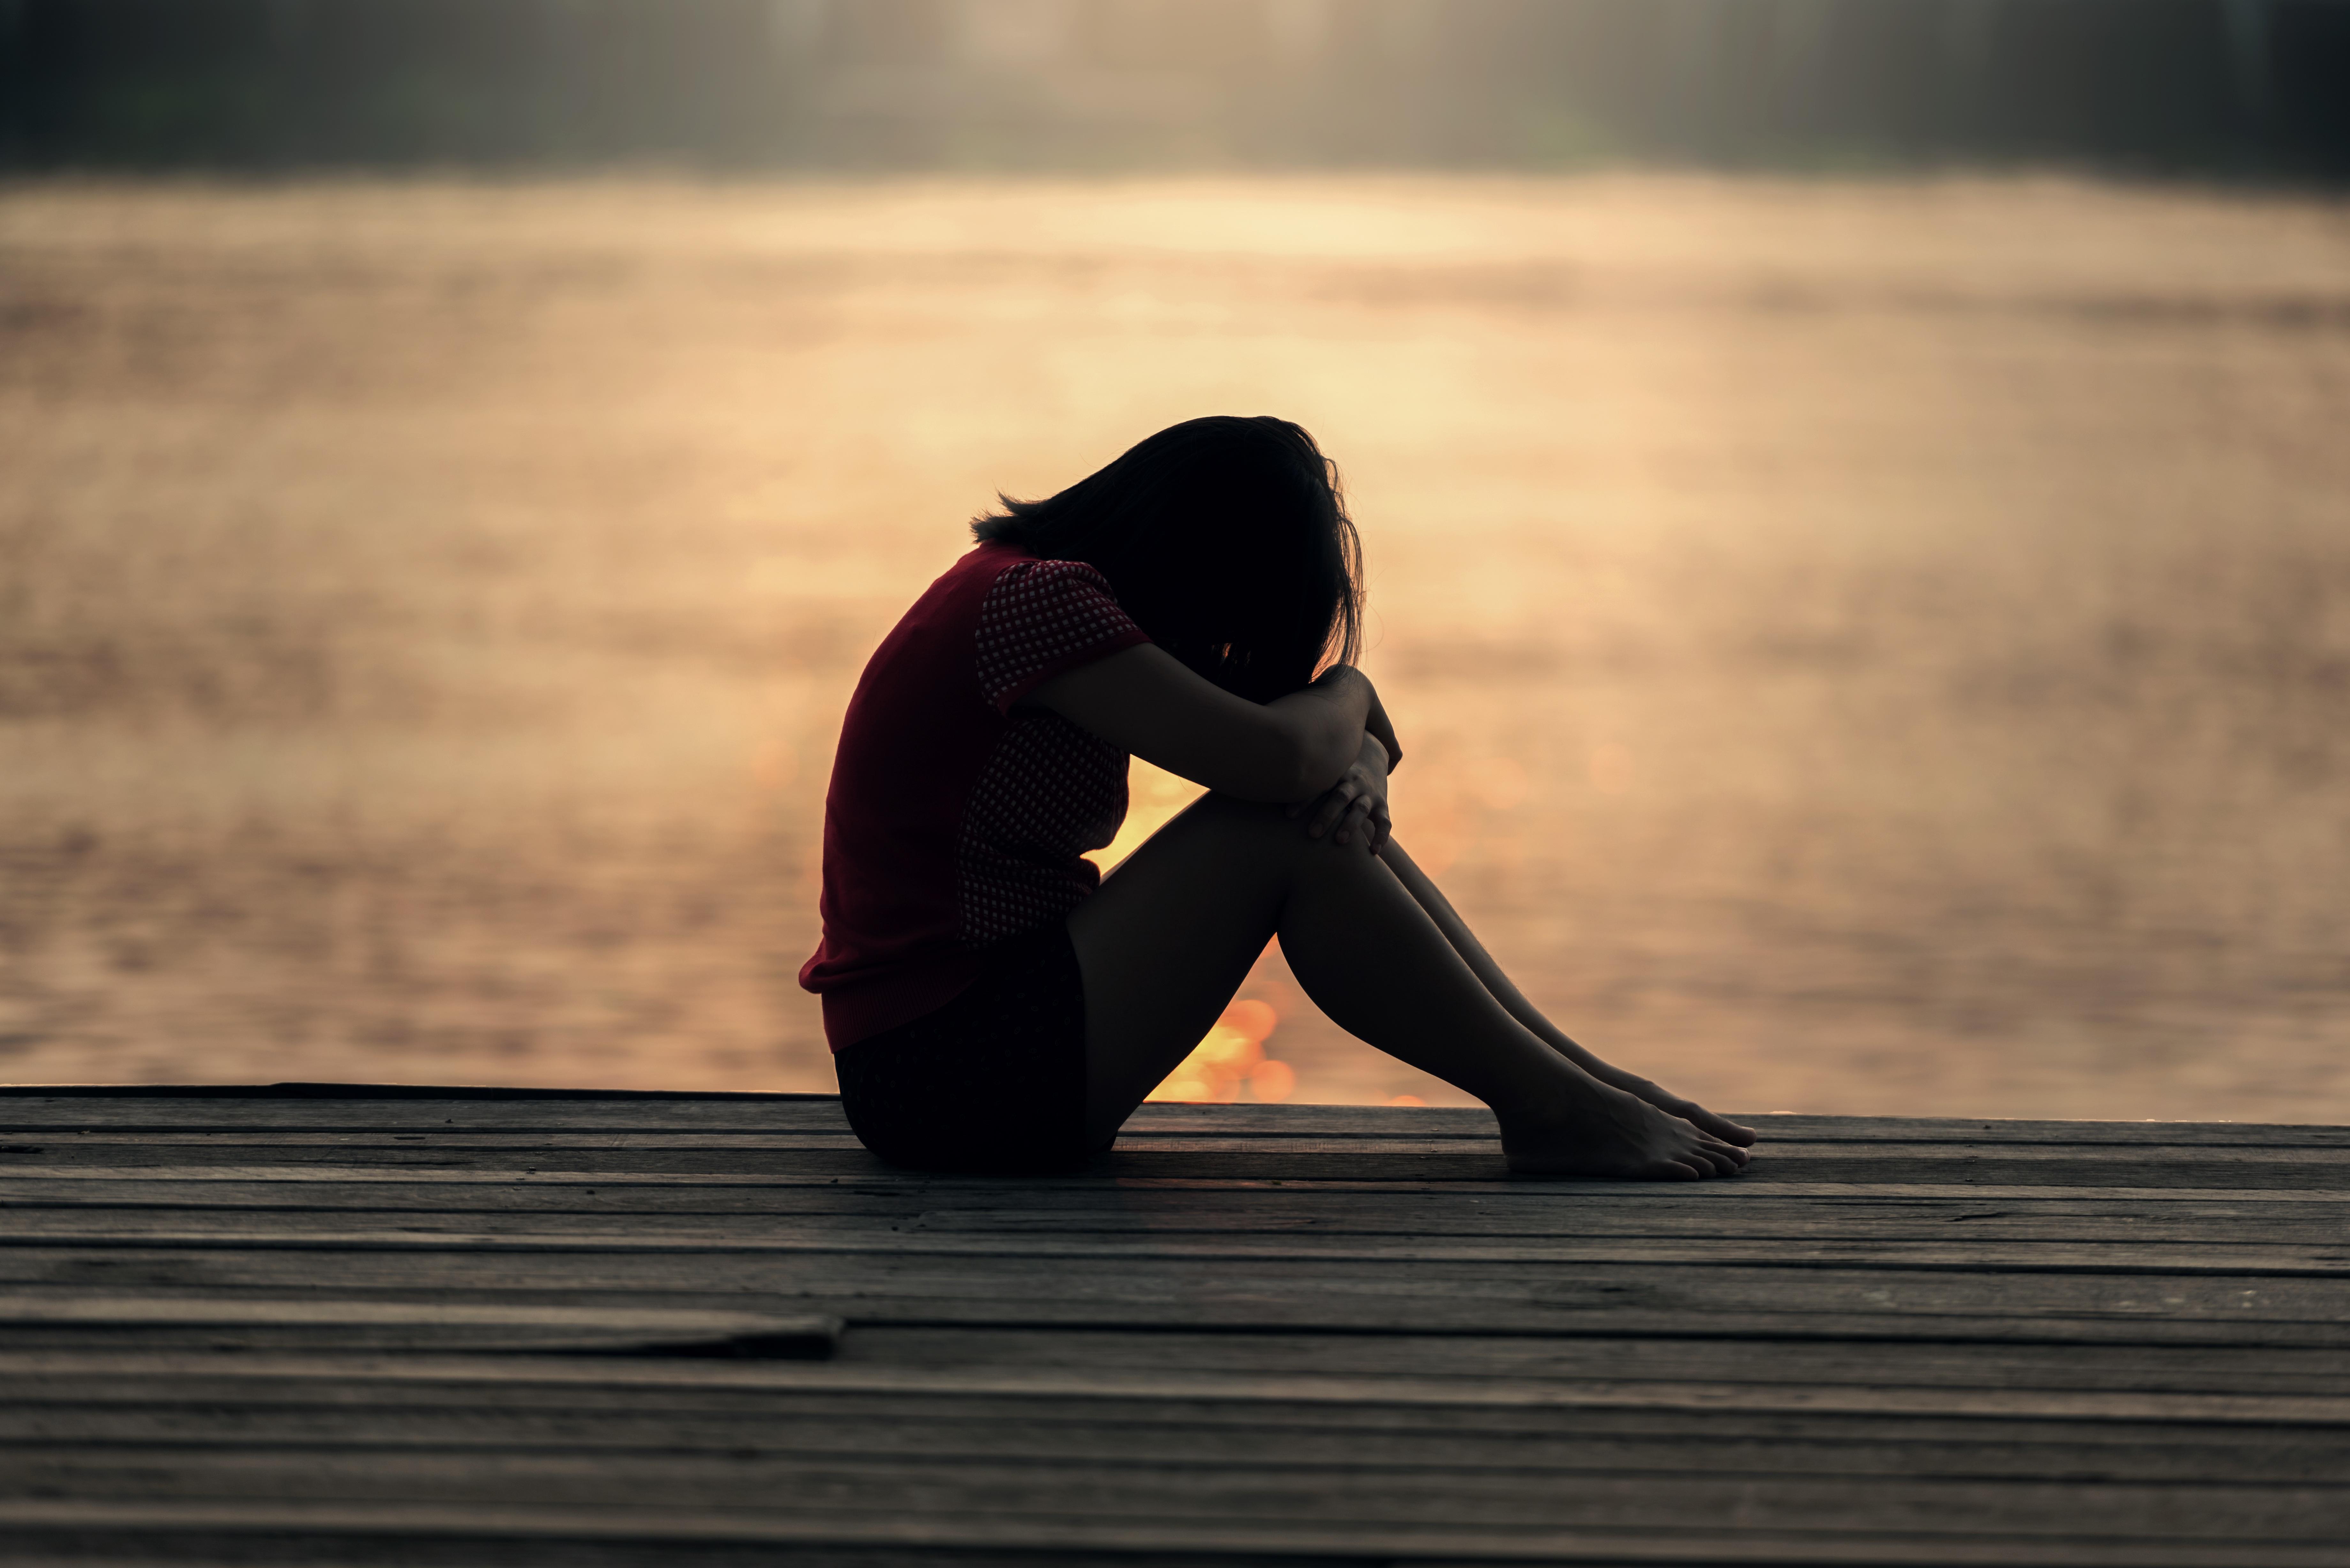 Il était une fois, une jeune fille qui voulait rester toute seule